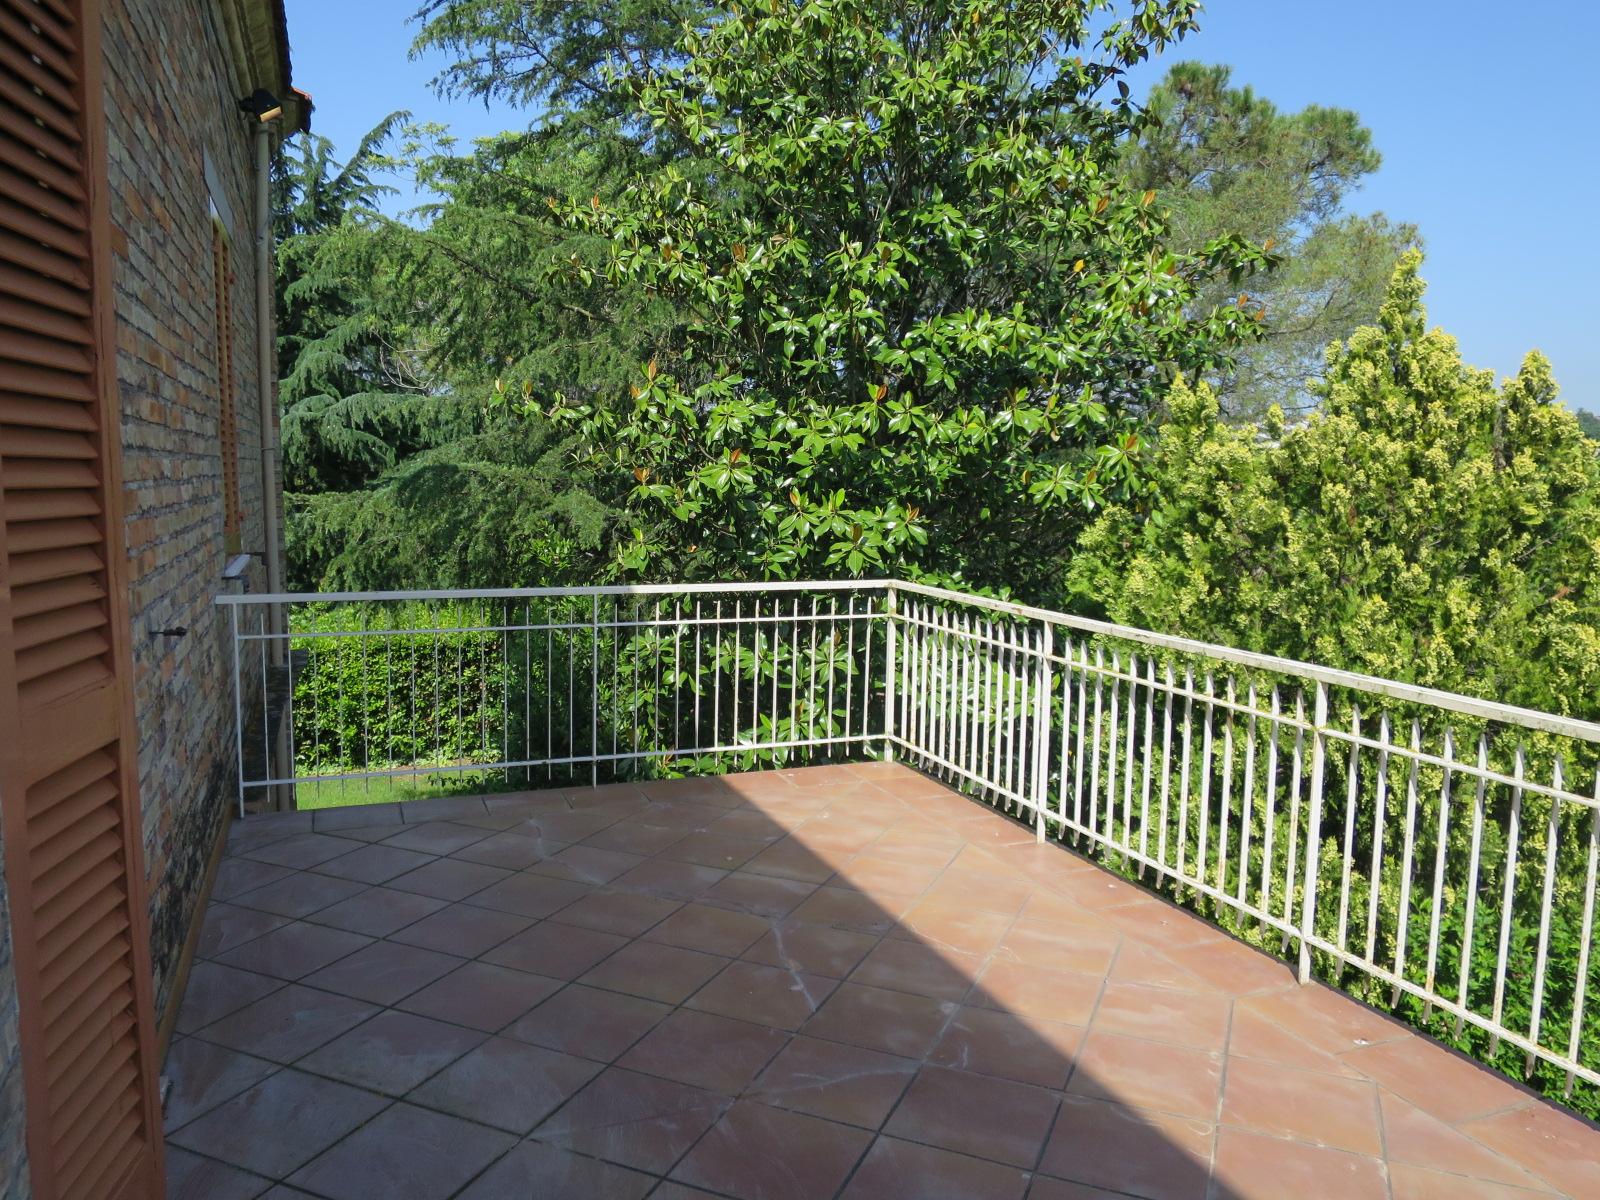 Villa Villa for sale Roseto degli Abruzzi (TE), Villa del Marinaio - Roseto degli Abruzzi - EUR 385.559 610